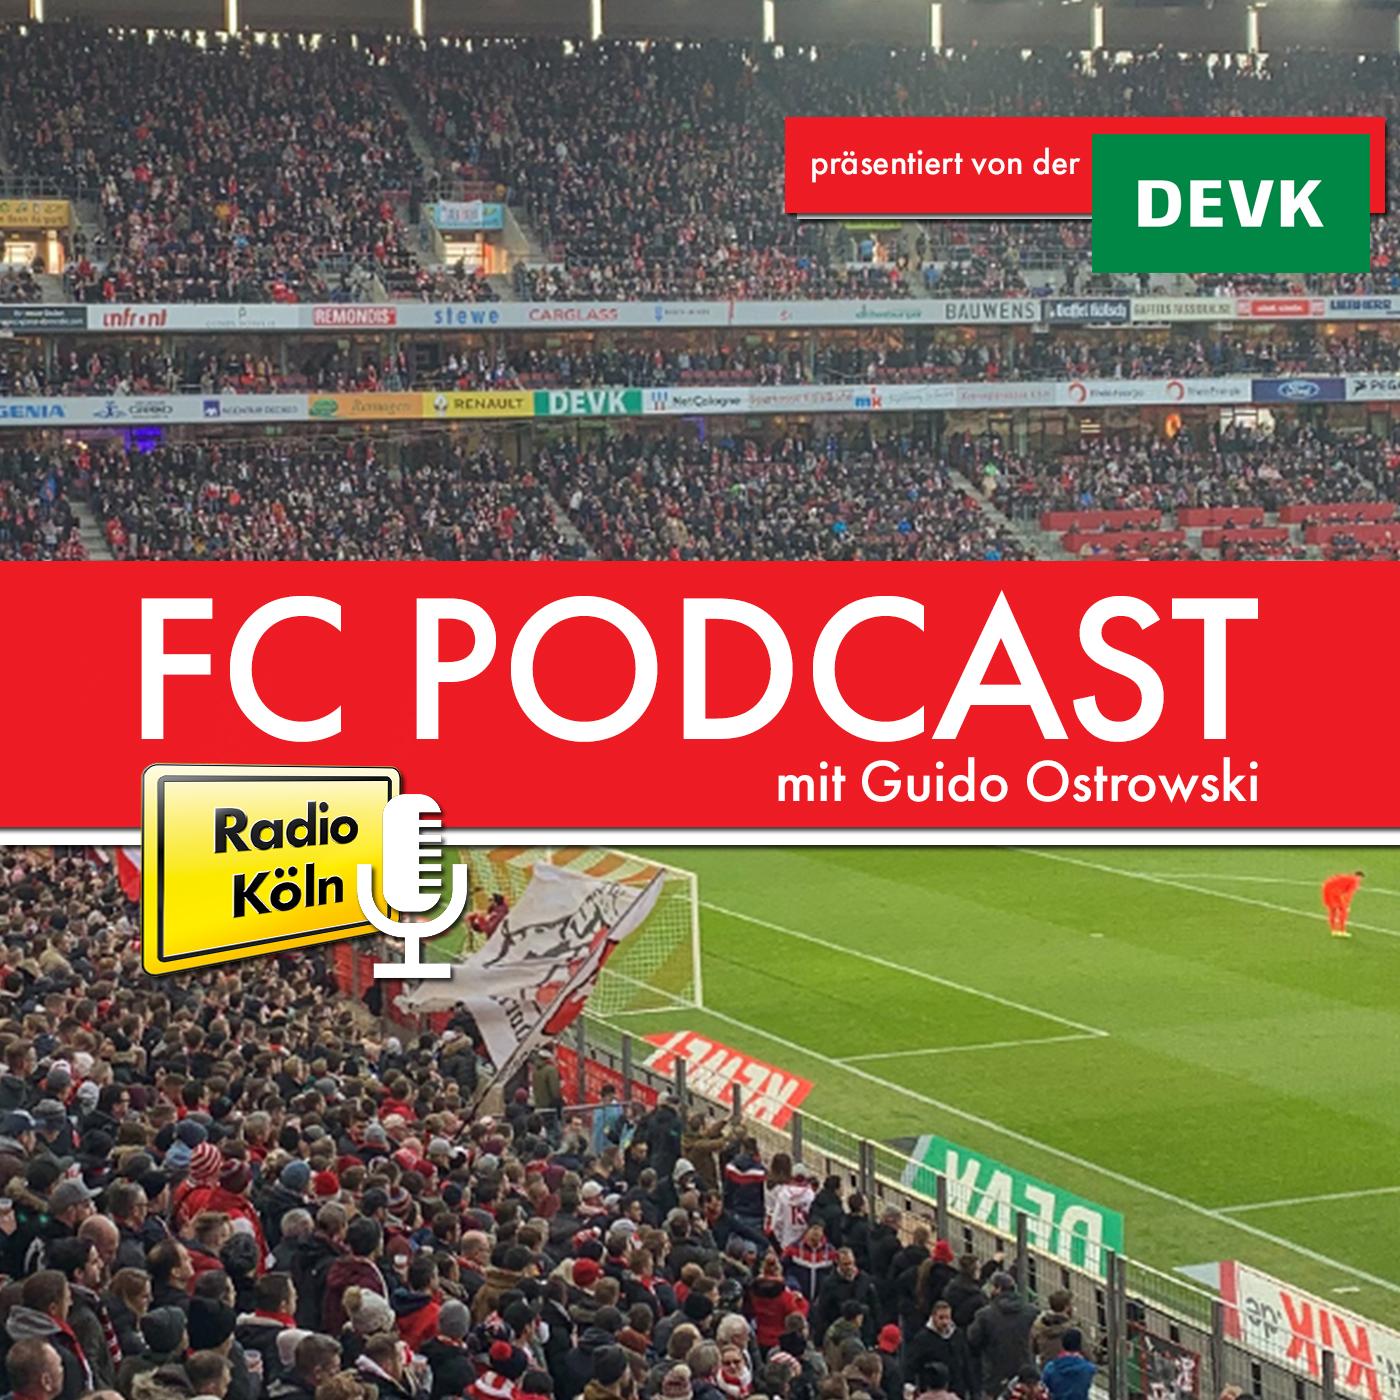 Haaland schießt FC auf Relegation - Gisdol bleibt / Folge 95